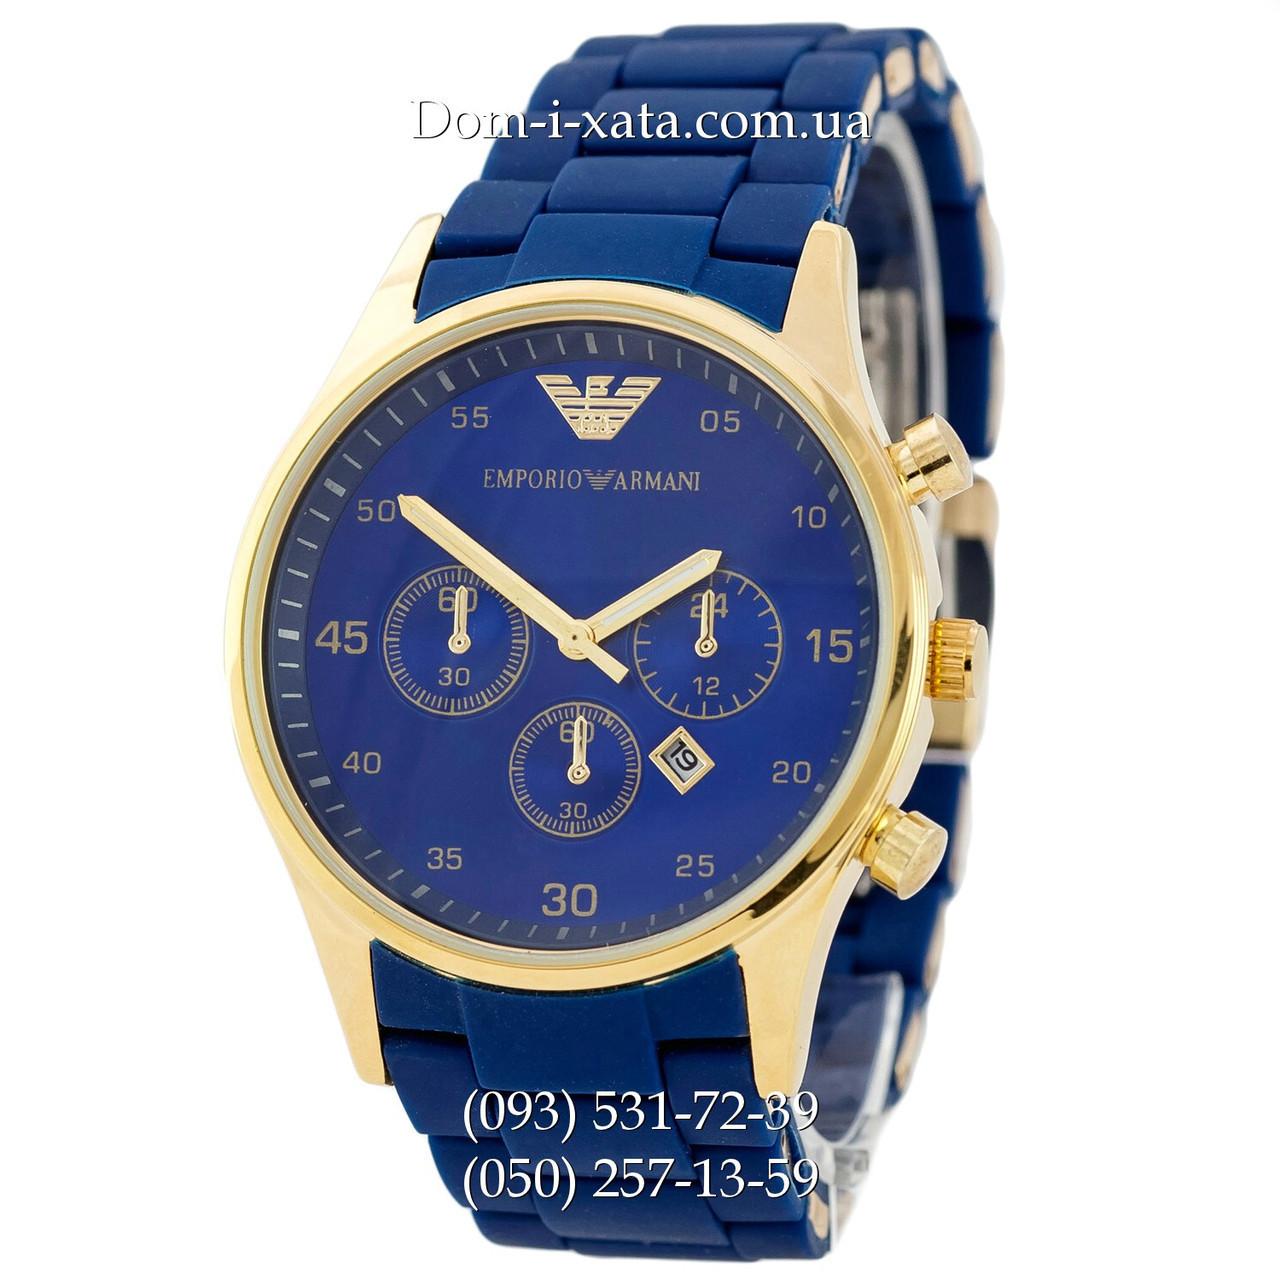 Мужские часы Emporio Armani blue-gold, элитные часы Эмпорио Армани синий-золото, реплика, отличное качество!